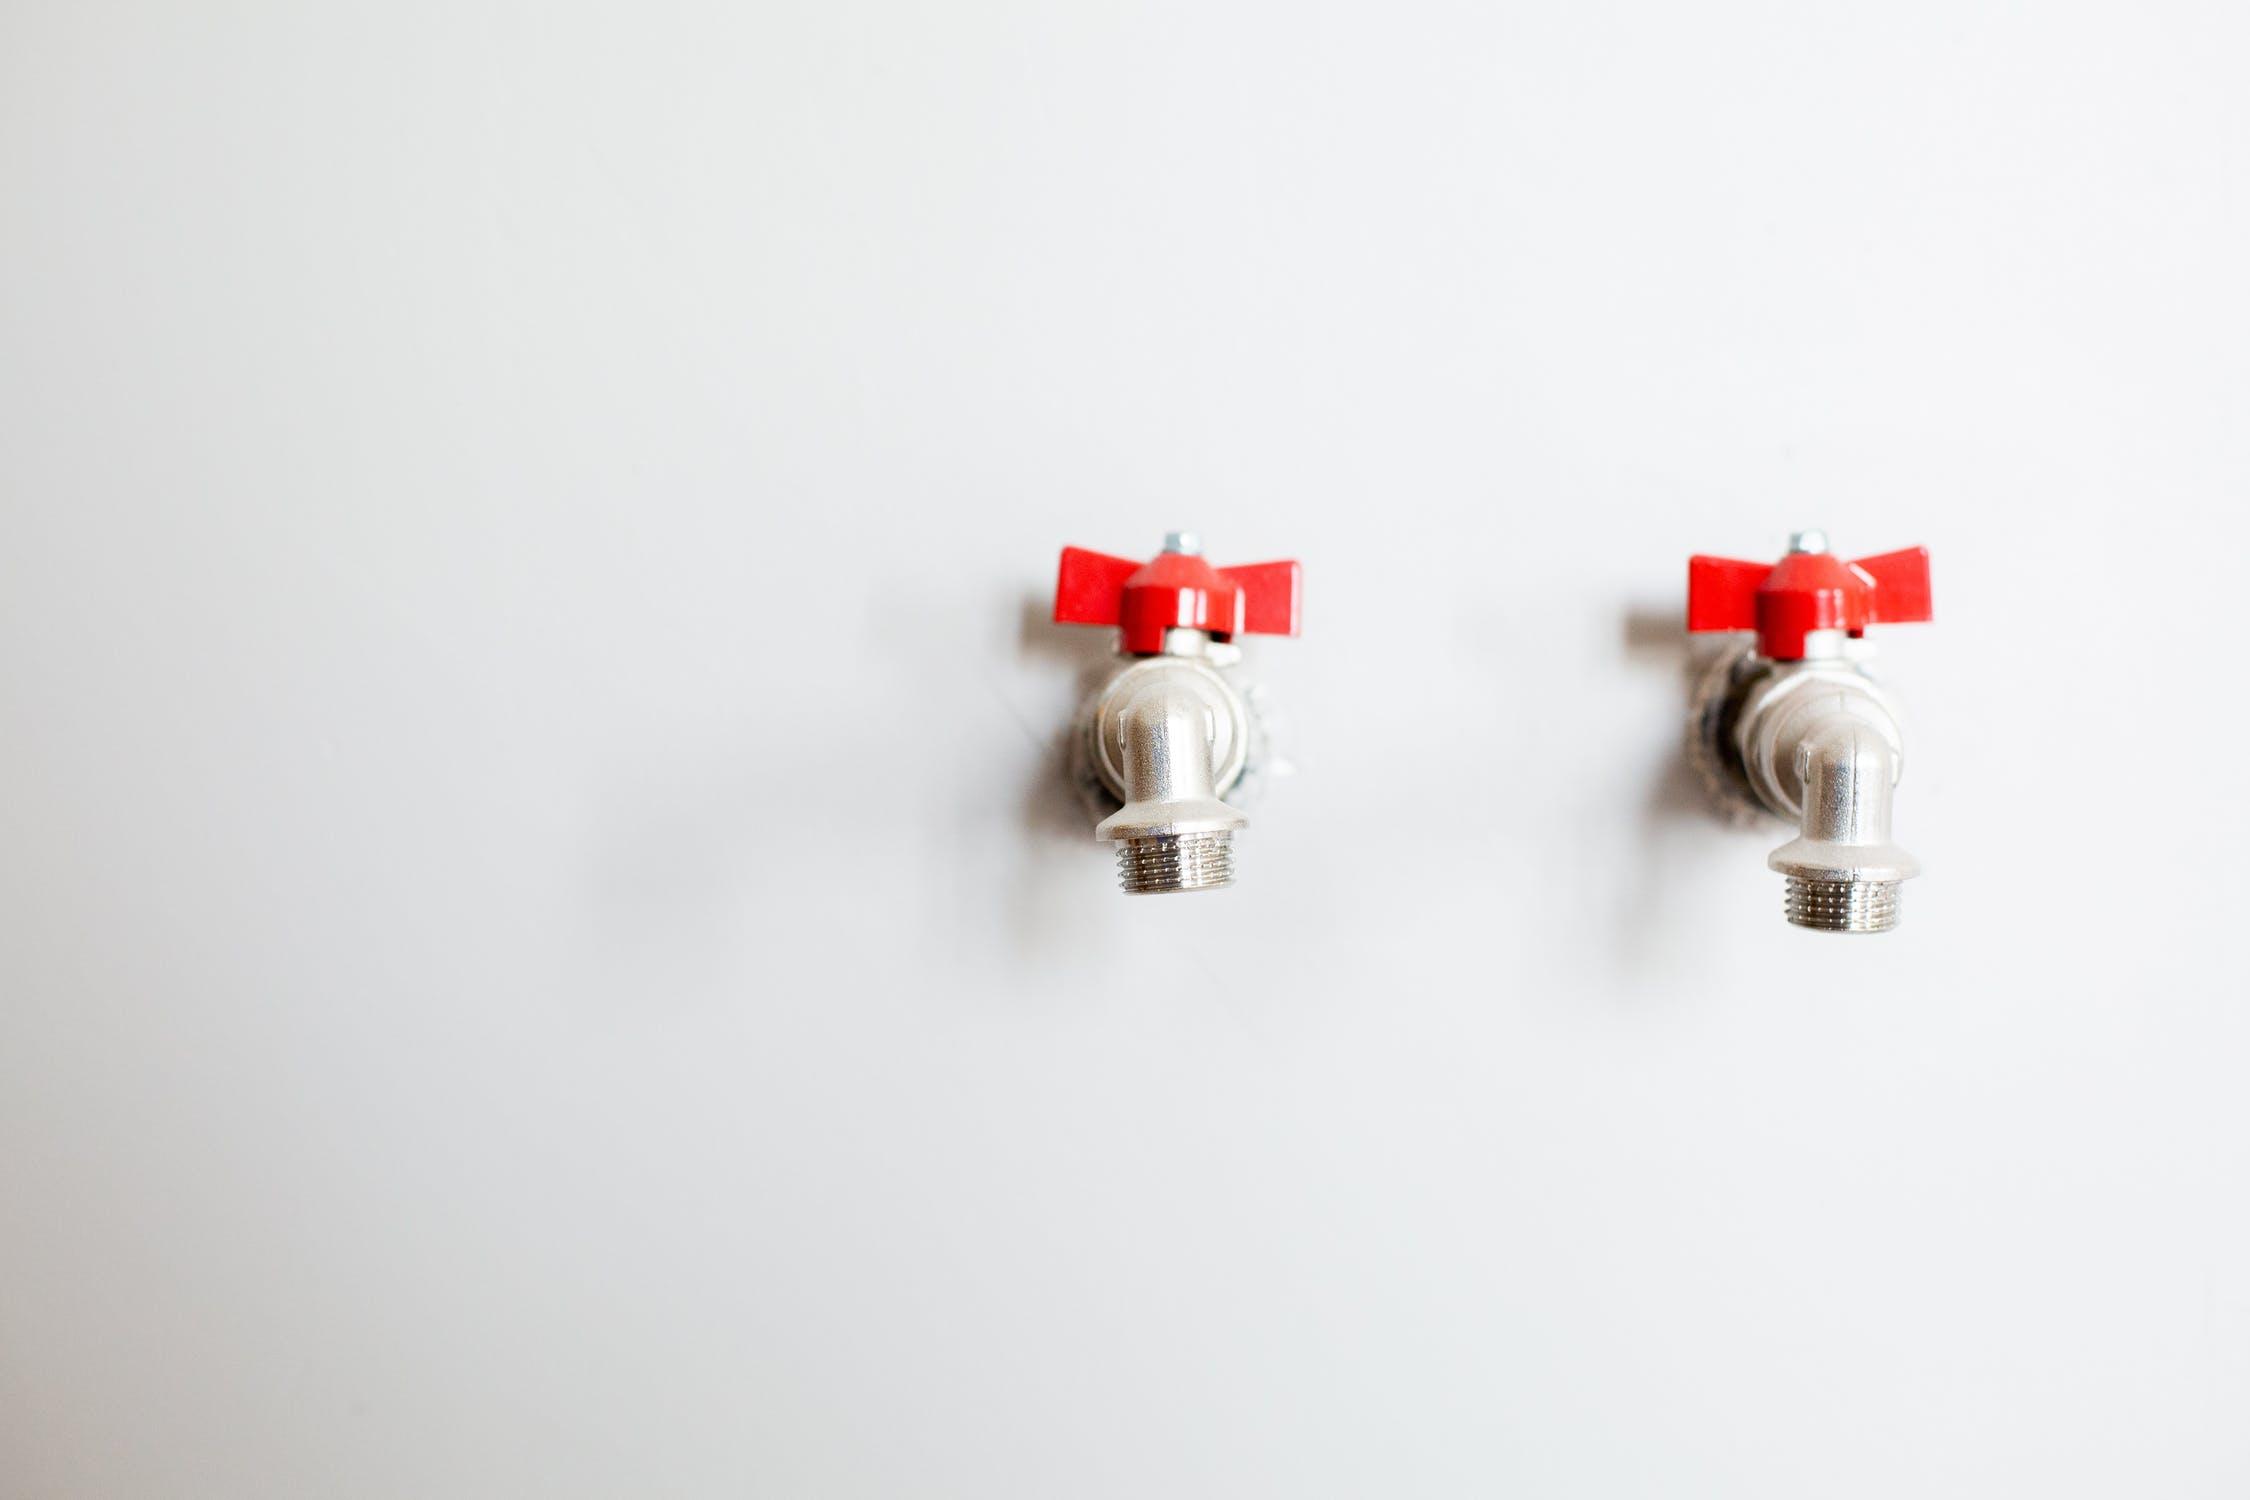 Gezondheid en veiligheid zijn uiterst belangrijk bij het uitvoeren van loodgieterswerkzaamheden in Den Haag